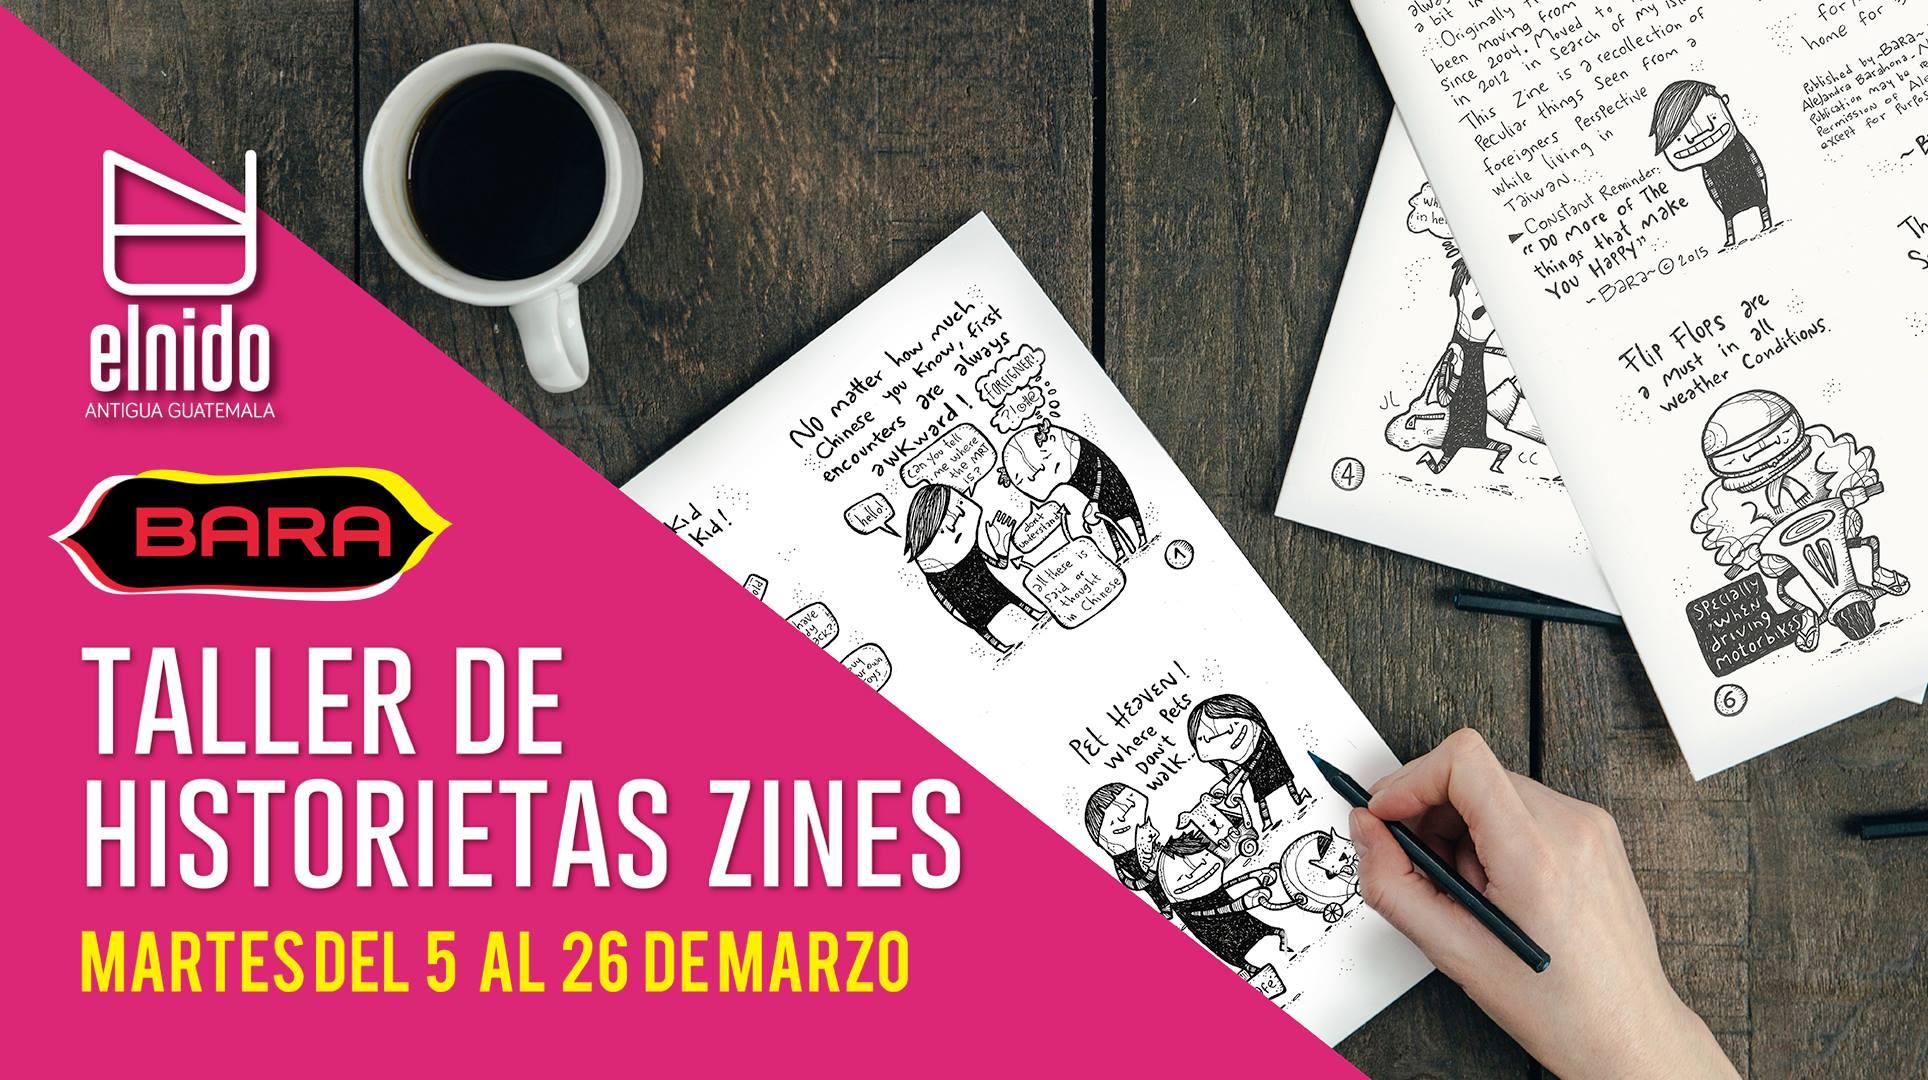 (Foto: El nido Estudio)